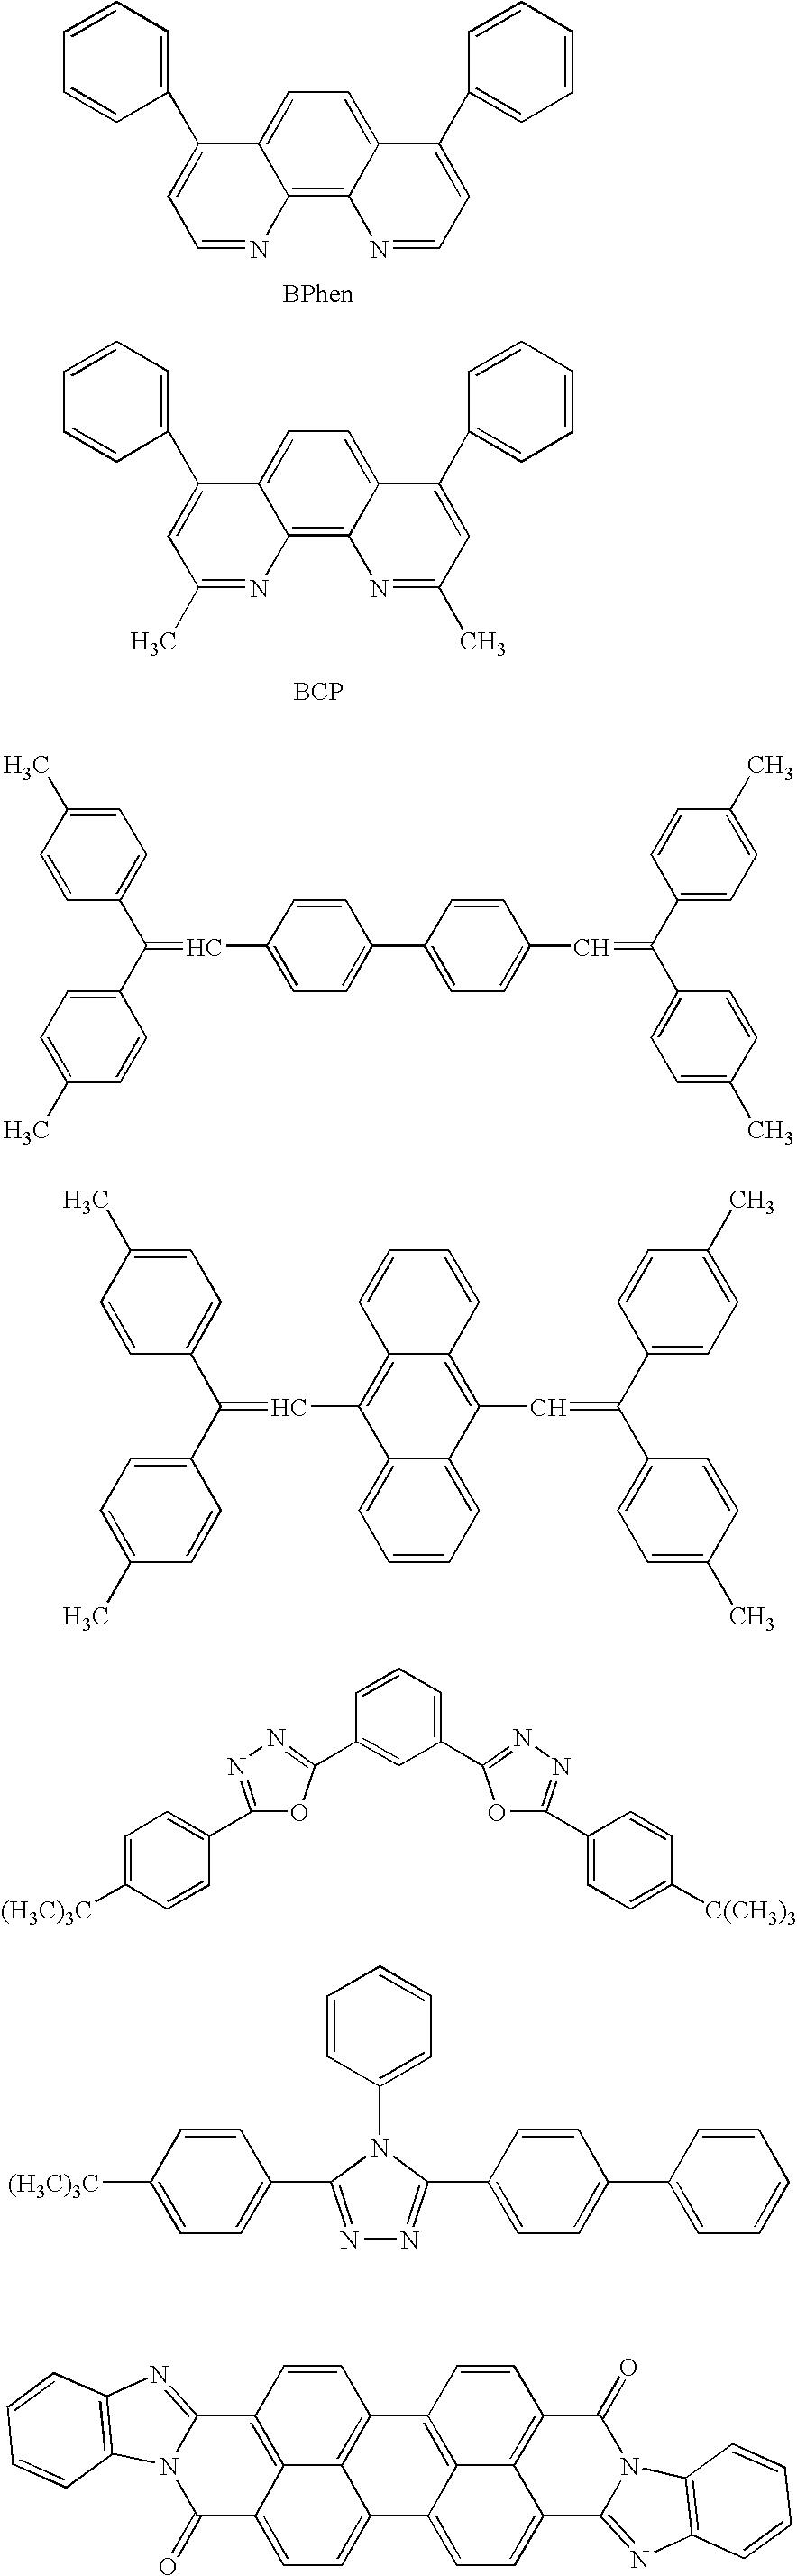 Figure US08263235-20120911-C00006